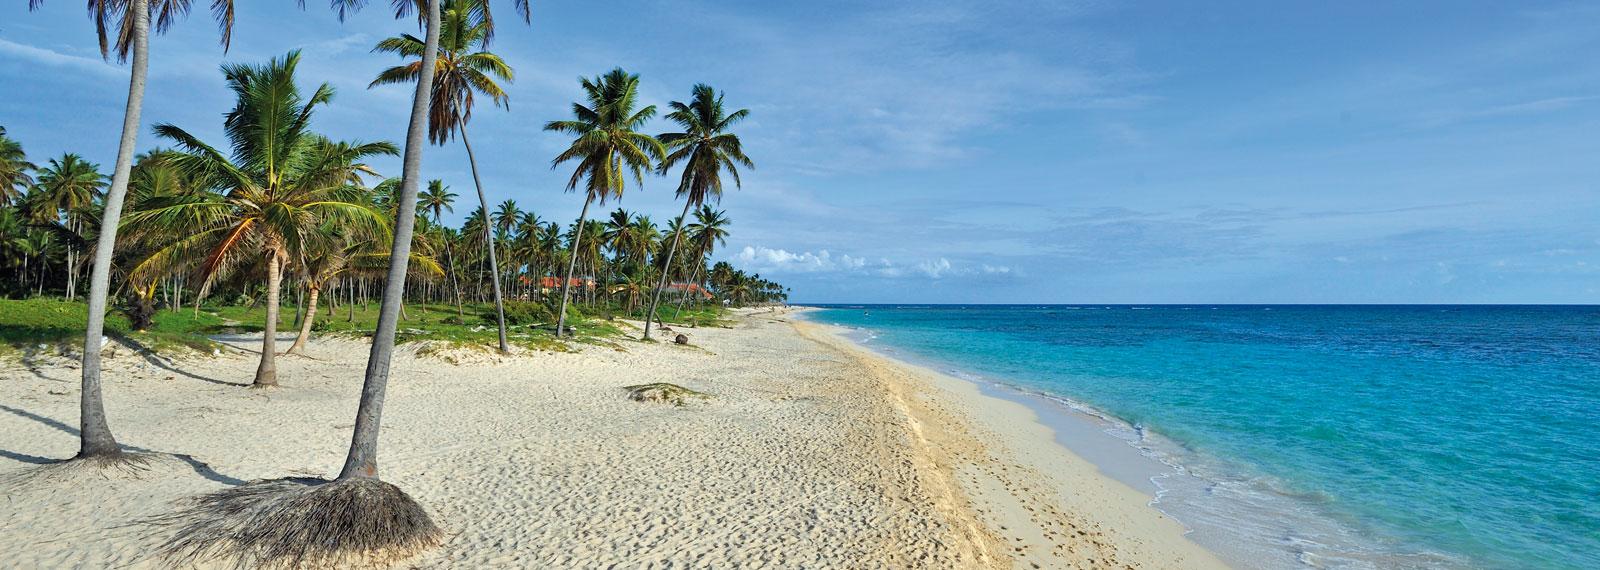 Punta Cana, Republica Dominicana